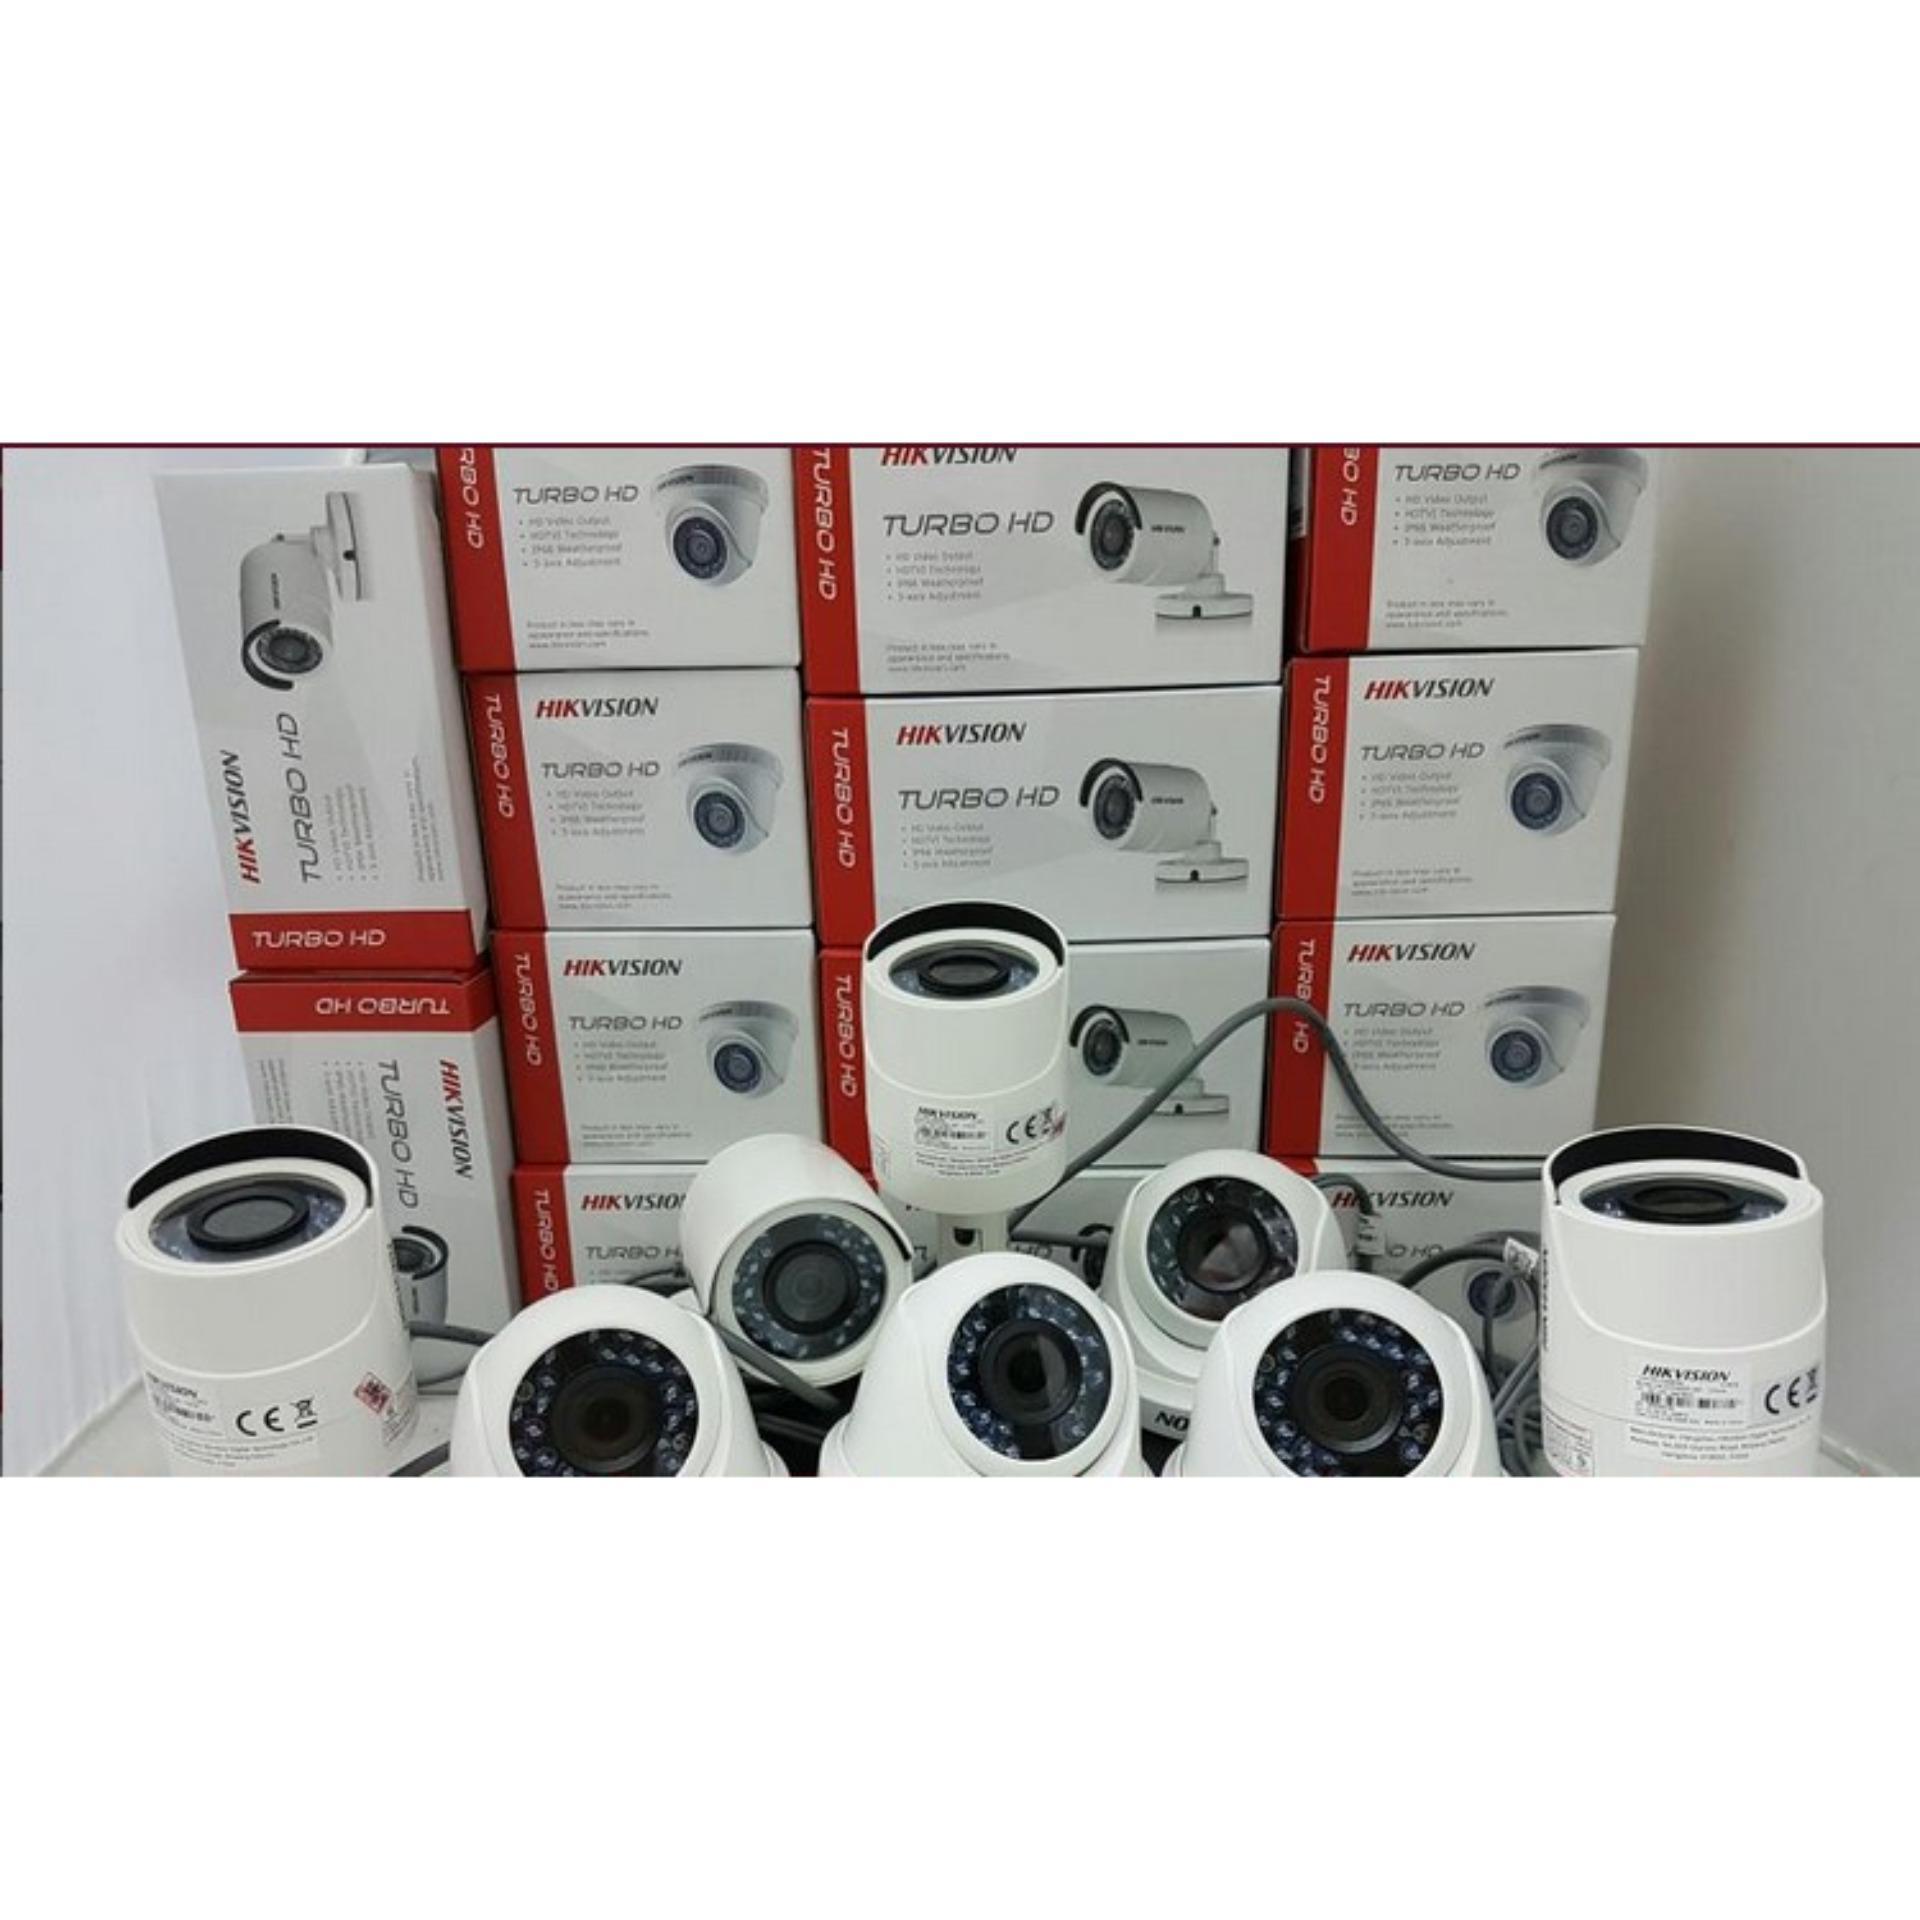 ... Murah PAKET CCTV 8CH Hikvision Full HD 2MP Komplit Siap Pasang ...